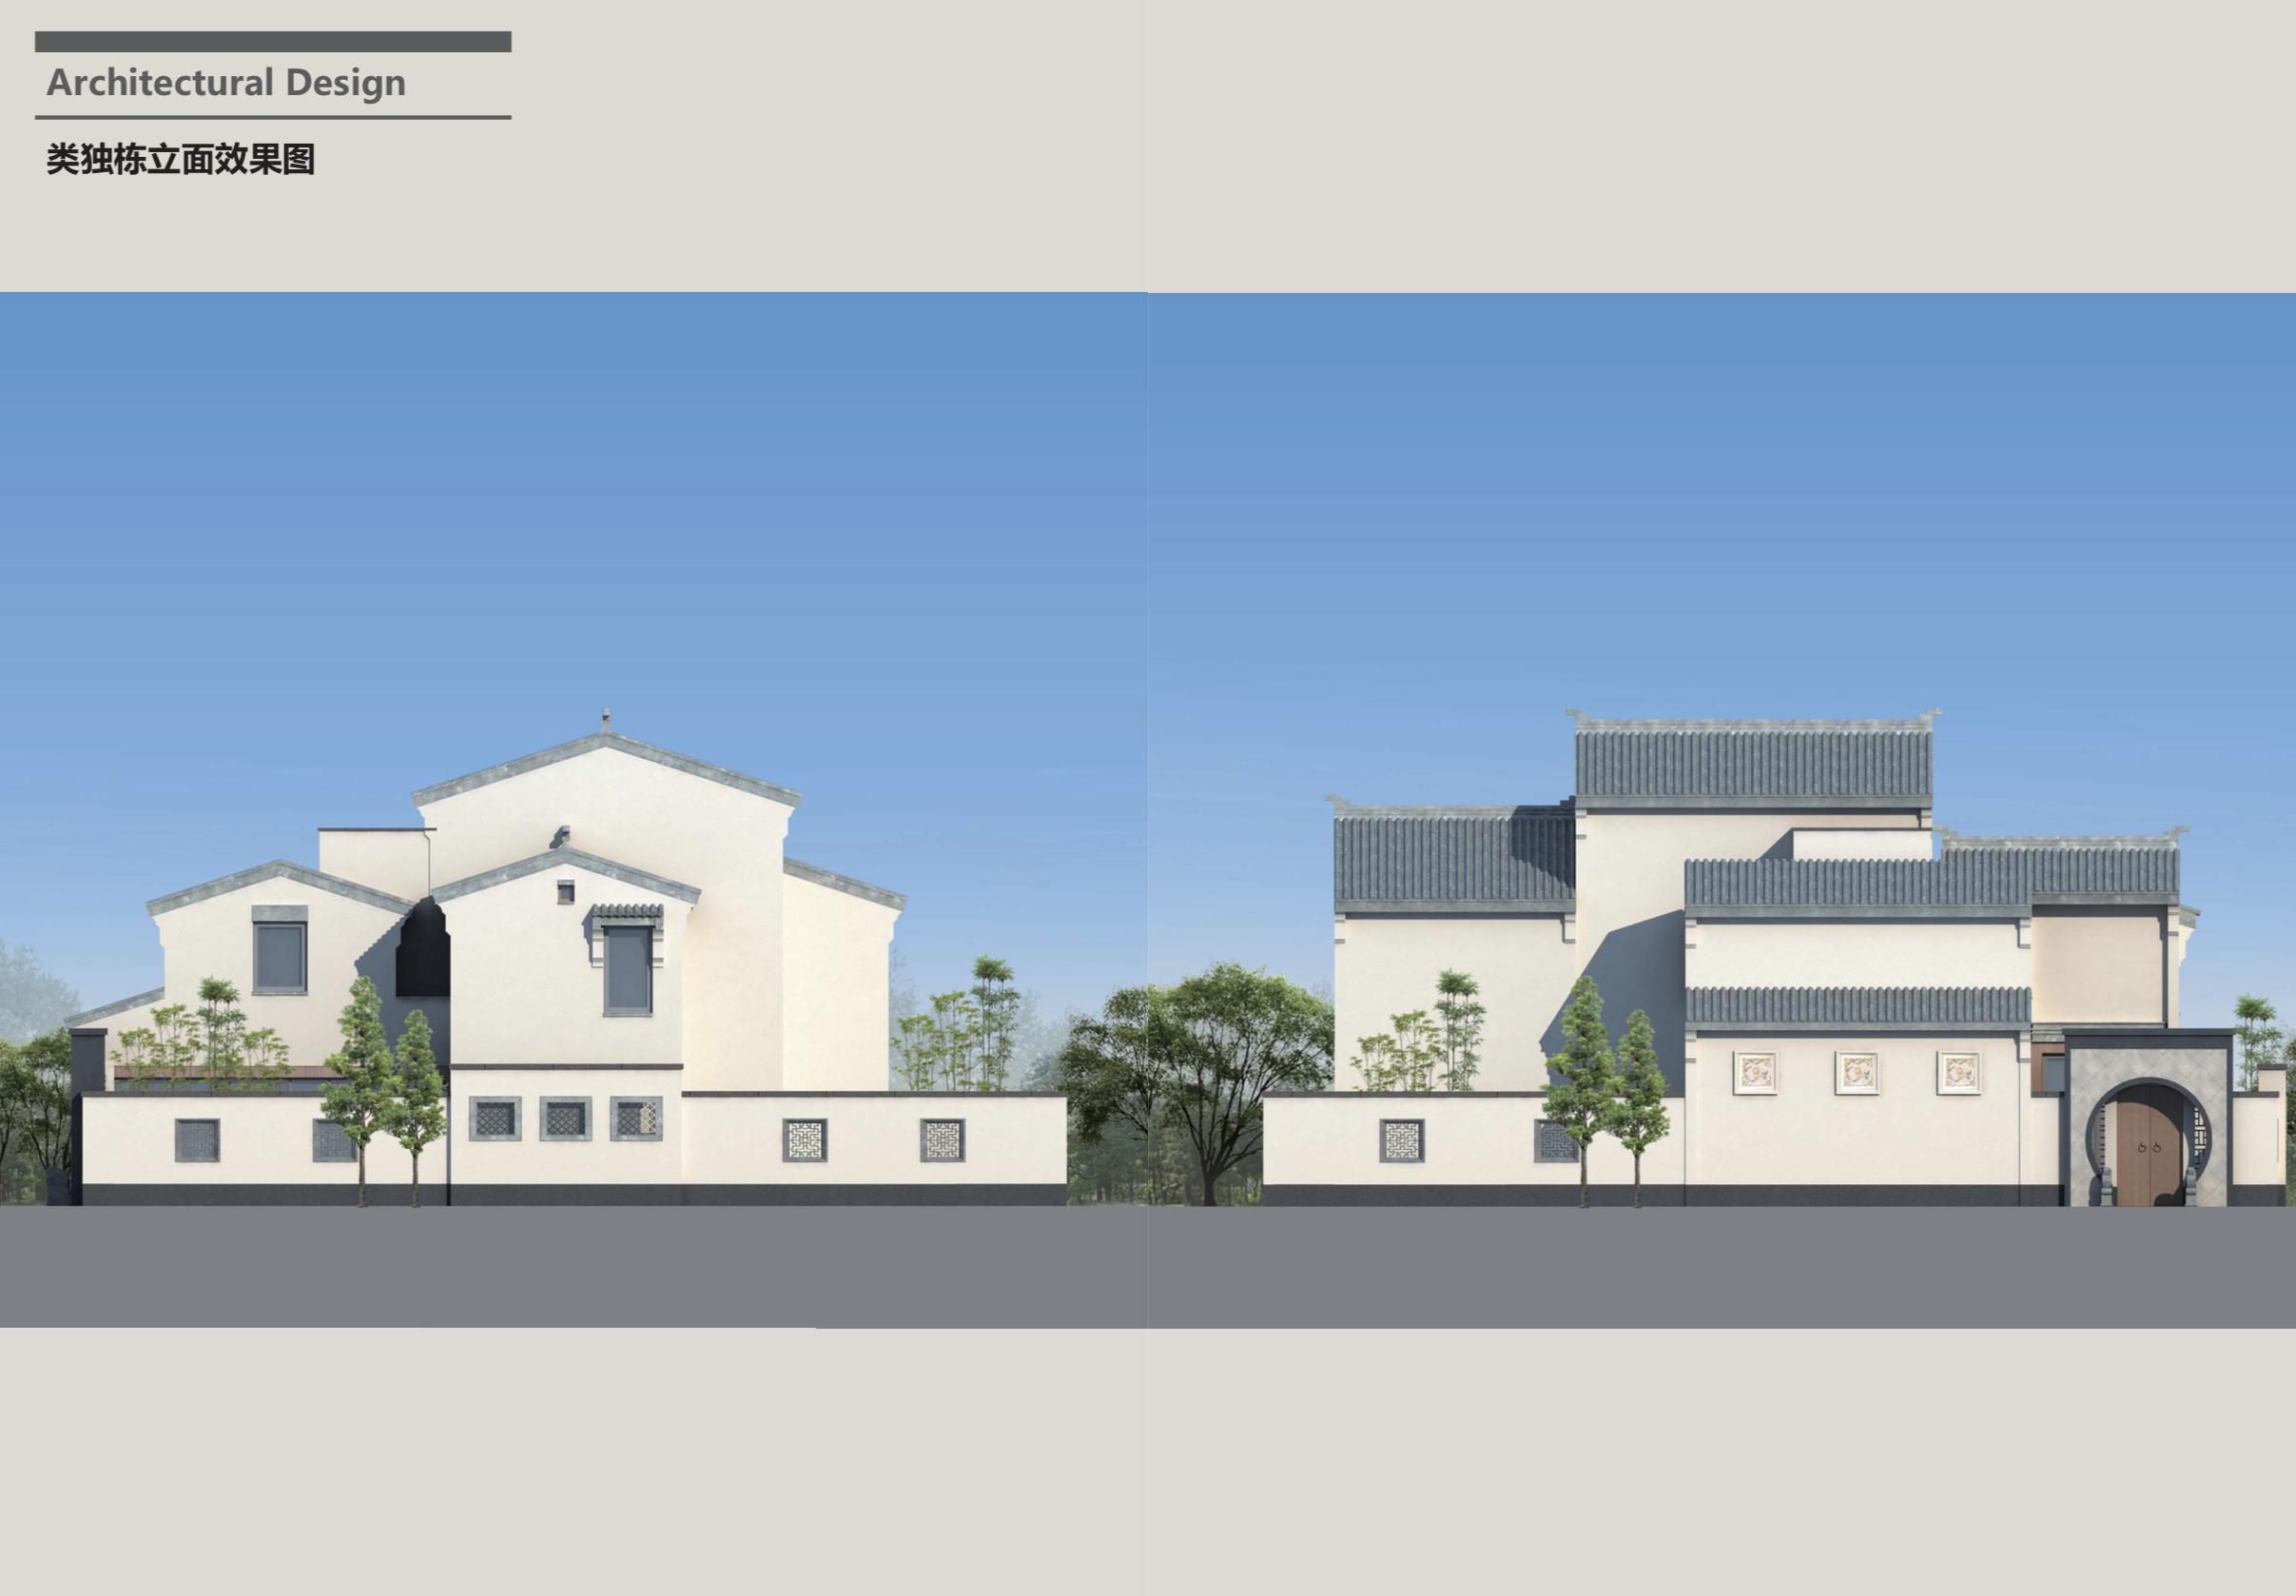 [上海]涵璧湾中式豪宅合院独栋别墅建筑设计方案文本图片